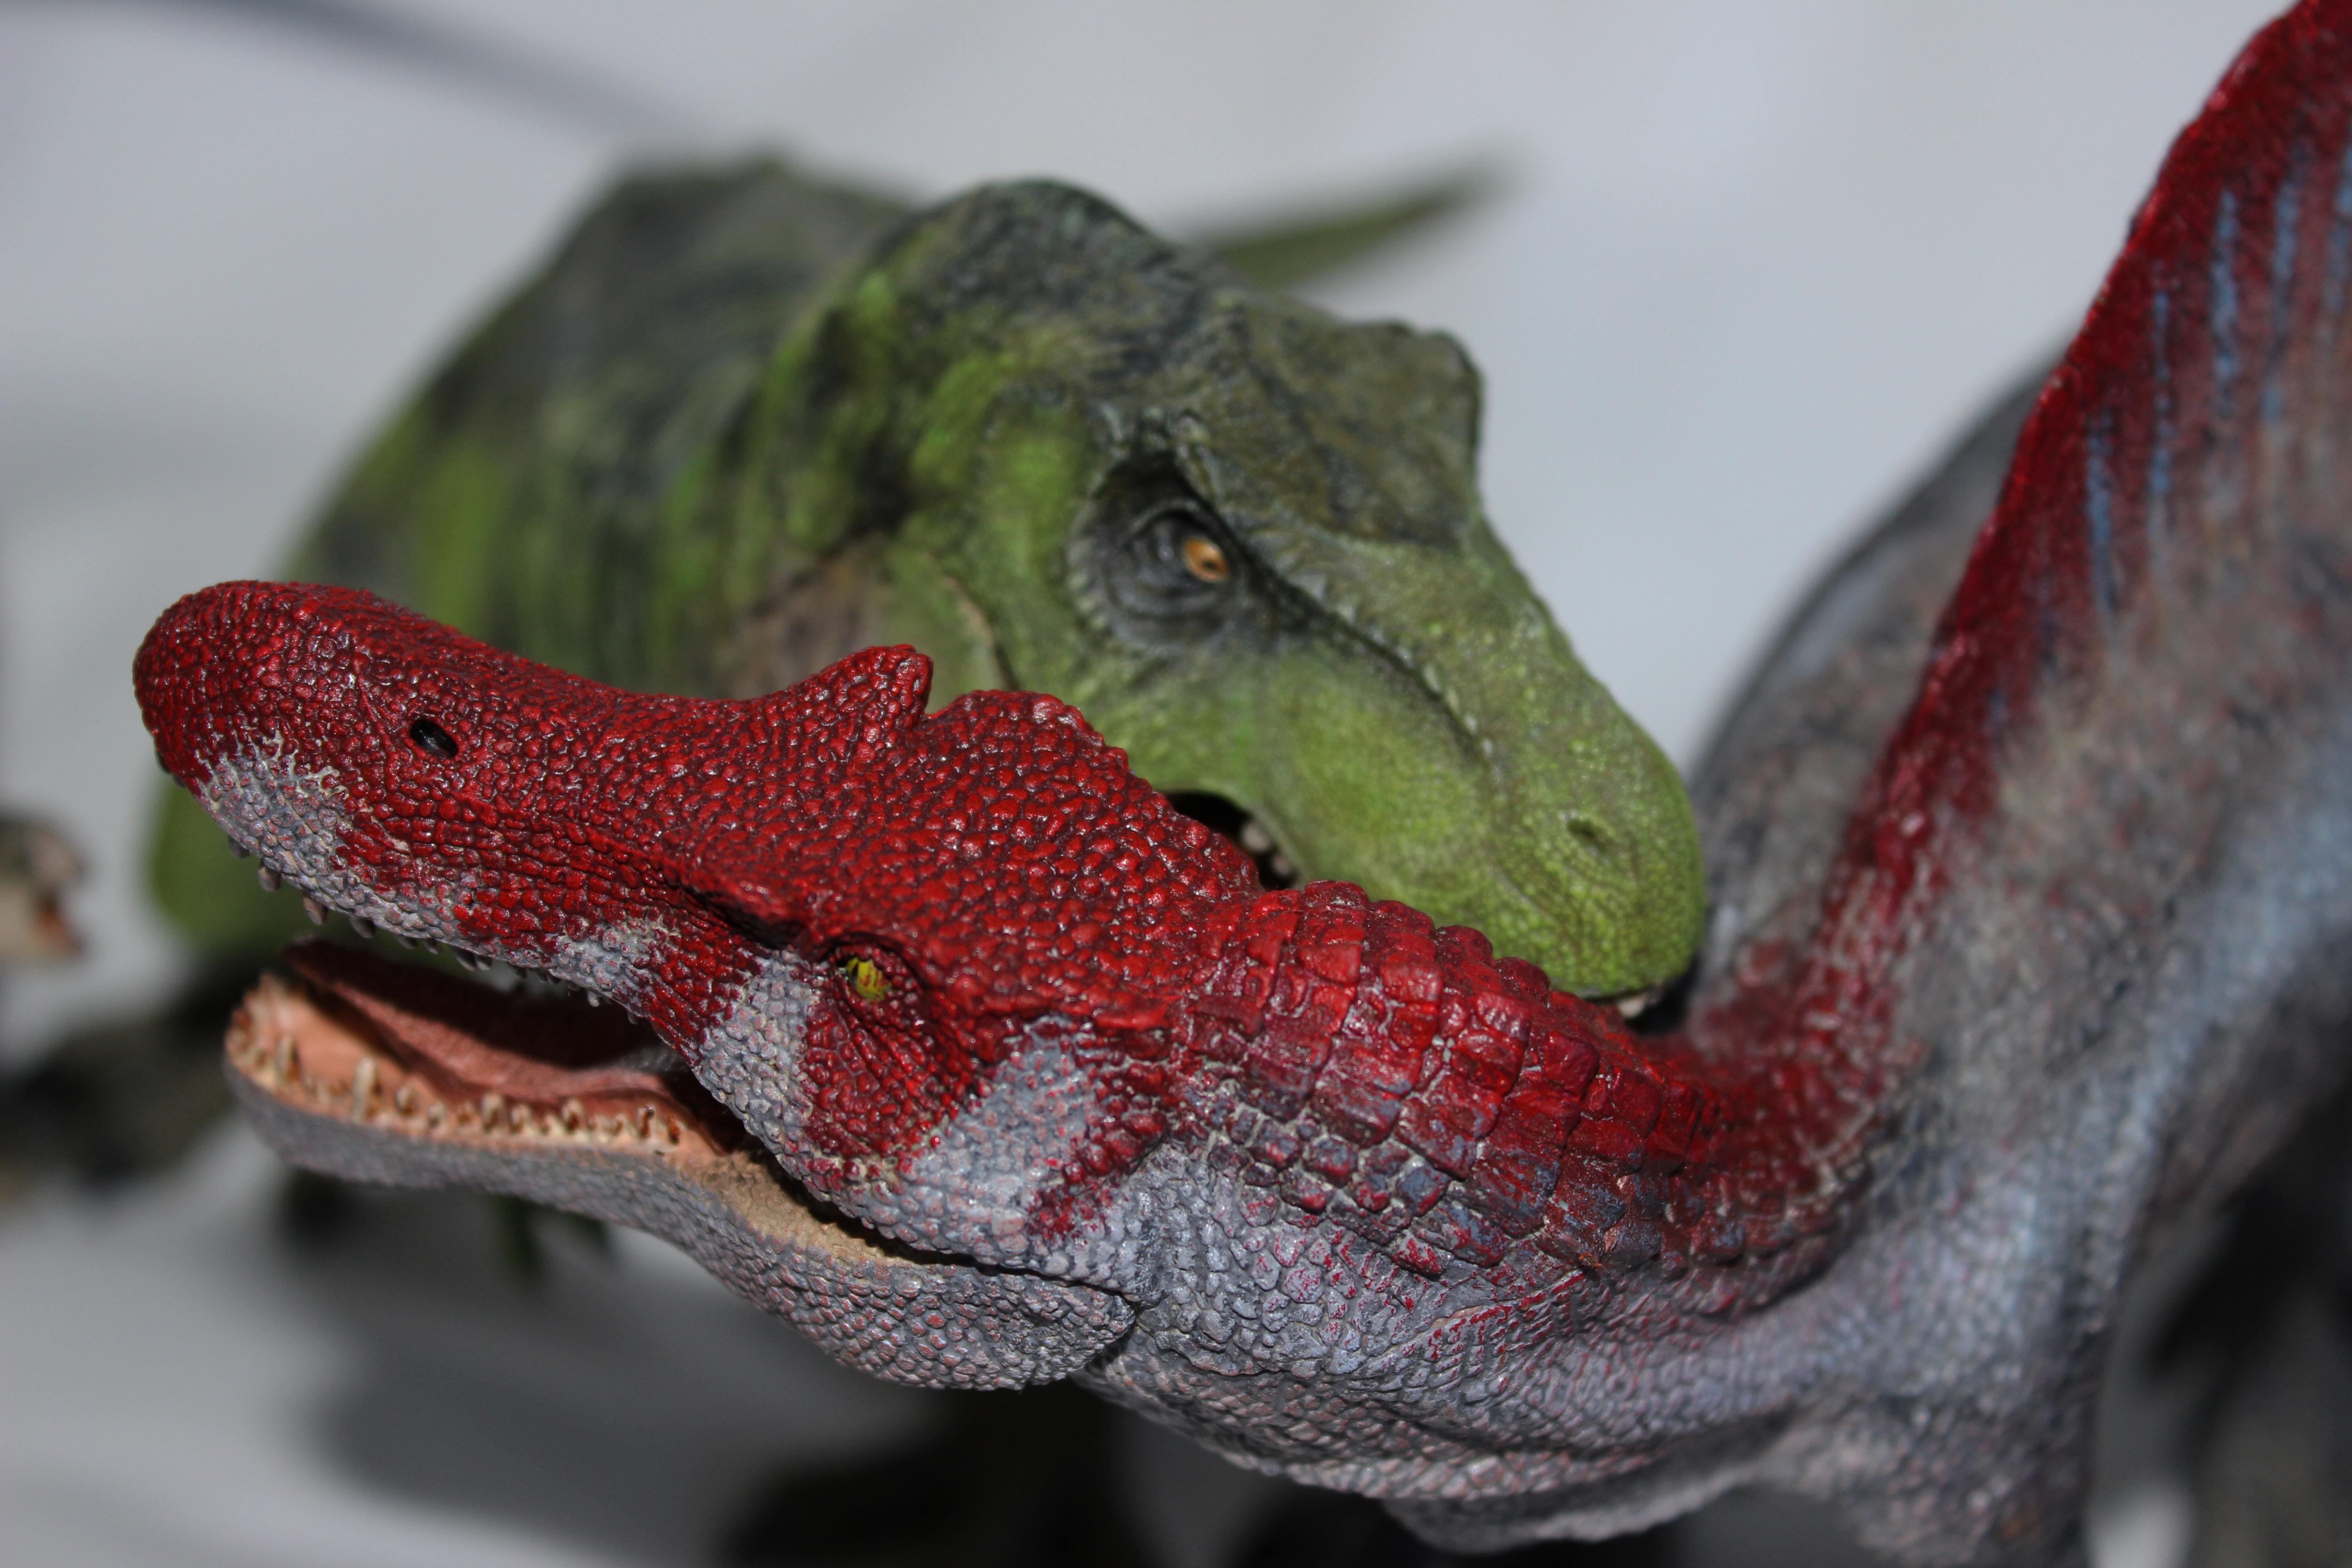 T-Rex vs Spino by ak1508 on DeviantArt